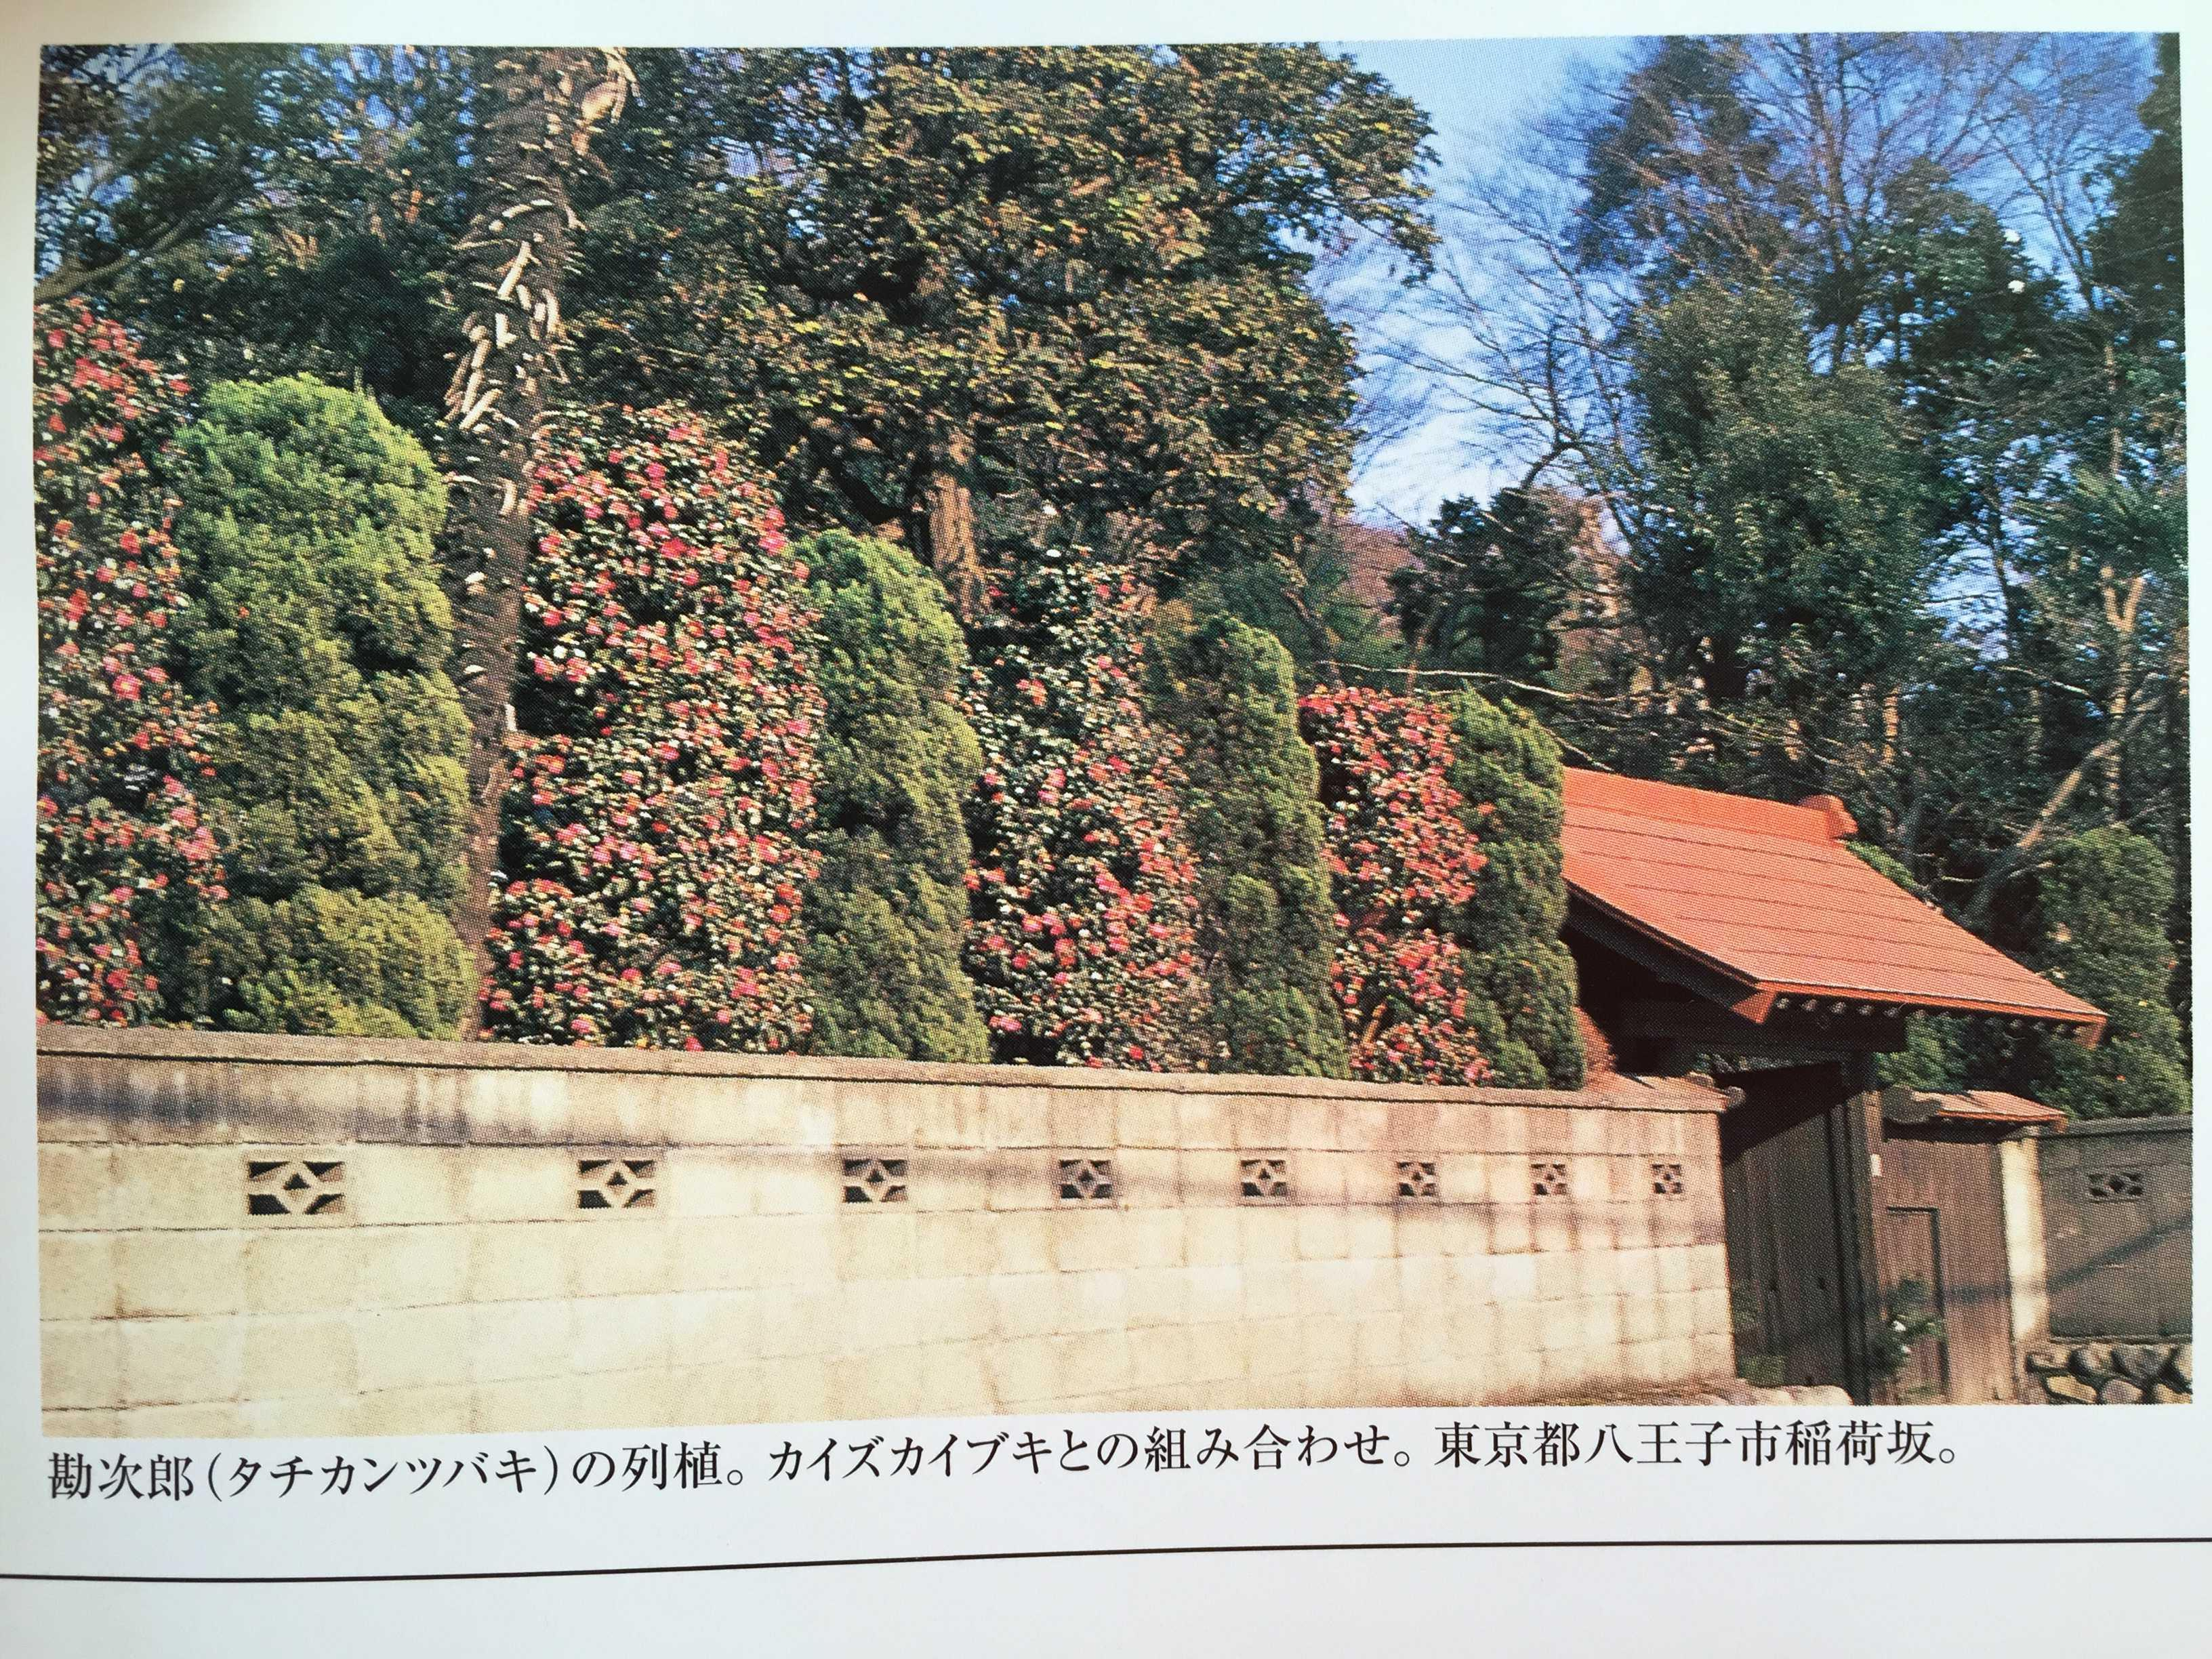 東京都八王子市稲荷坂 - 勘次郎(タチカンツバキ)の列植。カイズカイブキとの組み合わせ。